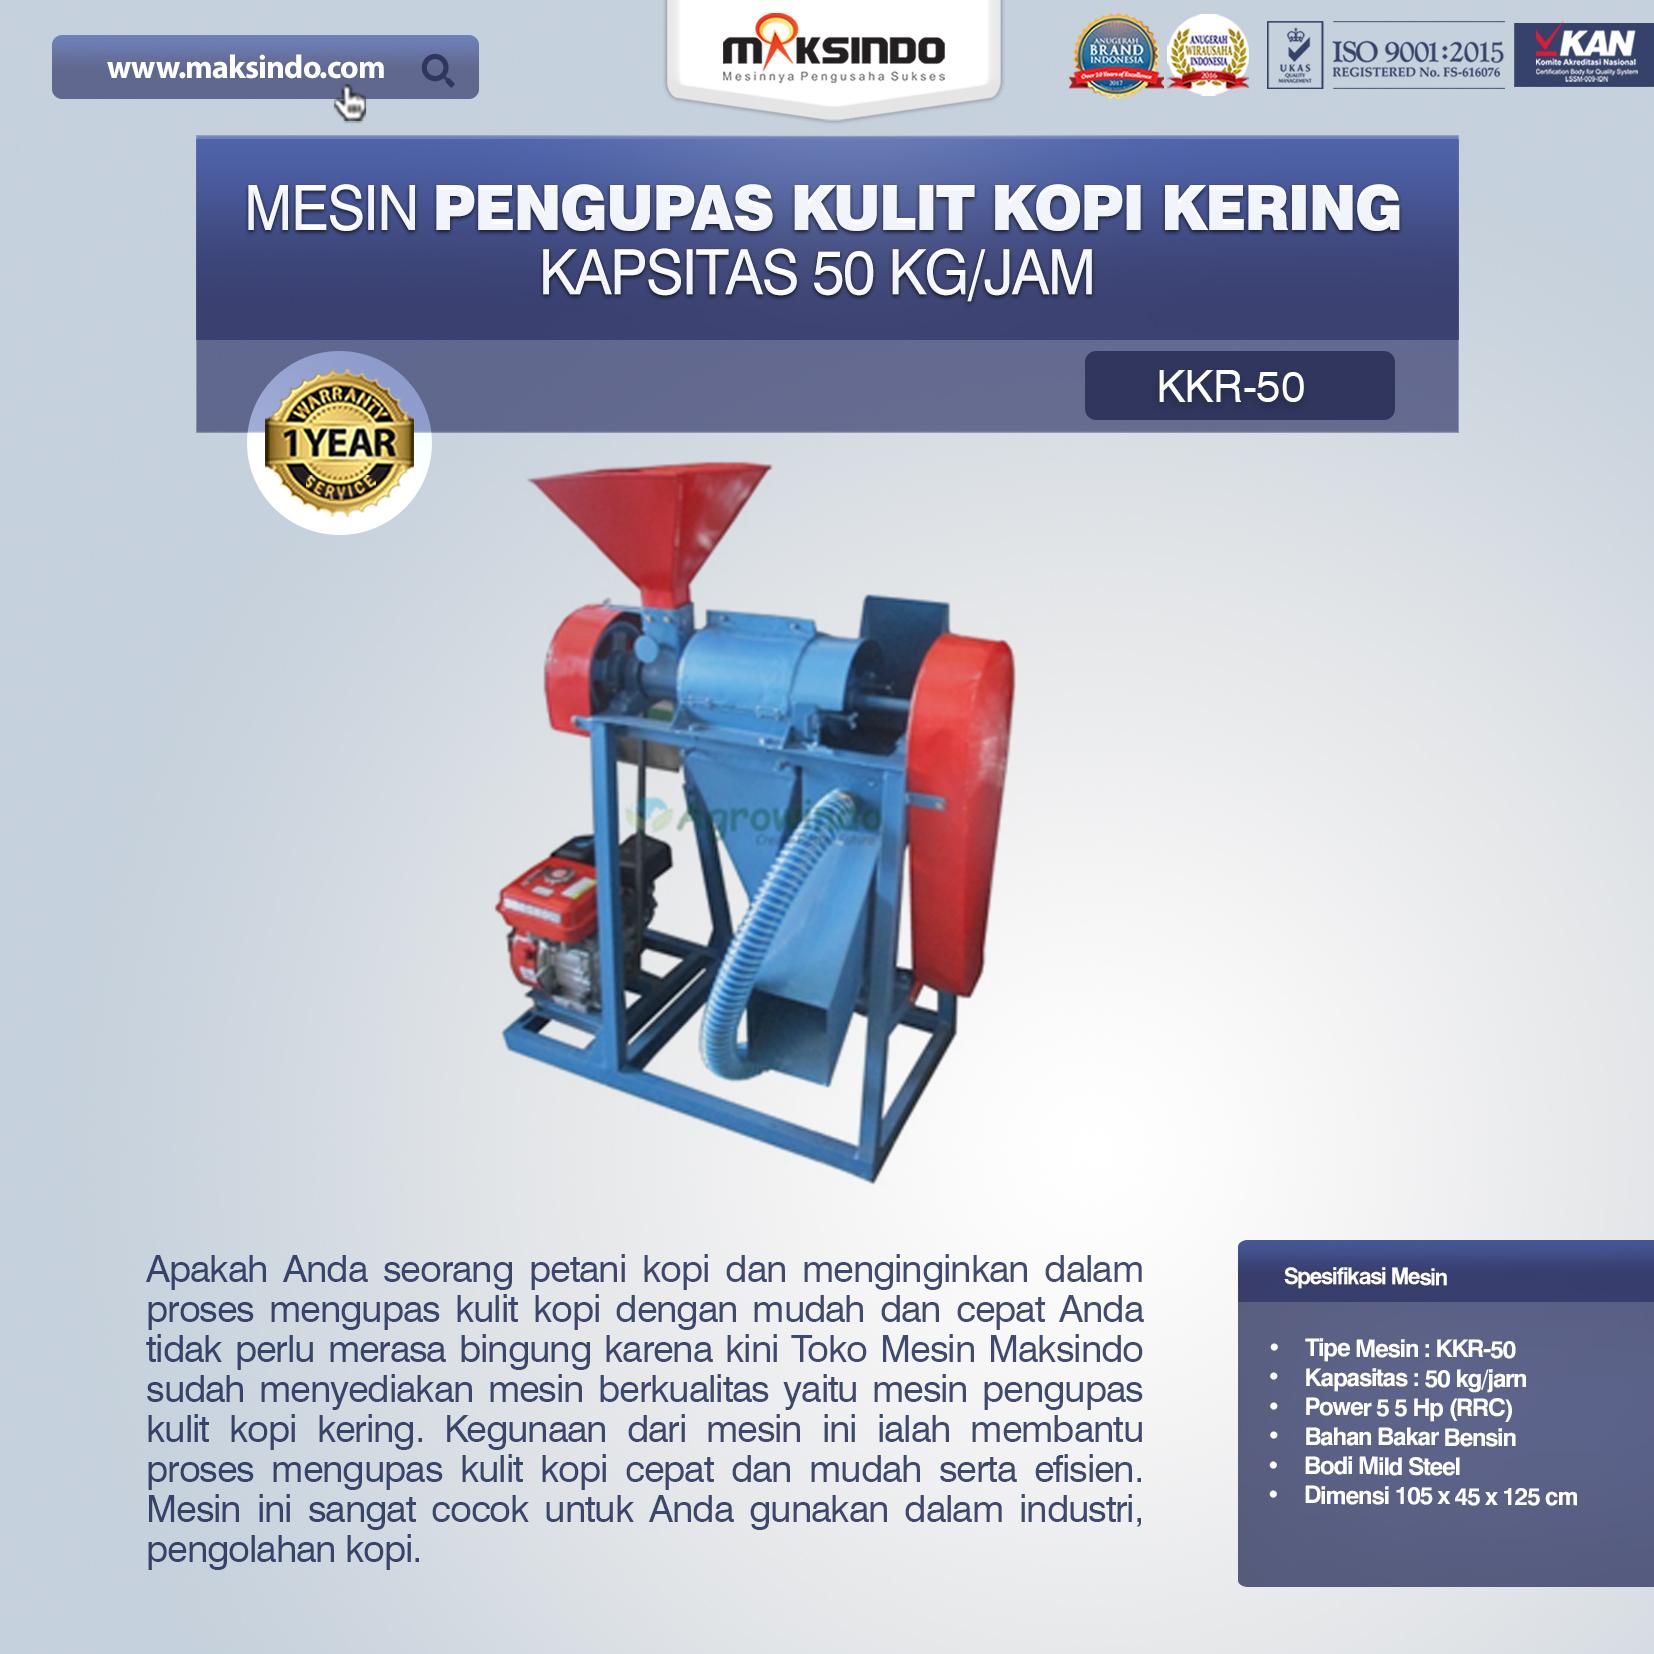 Mesin Pengupas Kulit Kopi Kering KKR-50